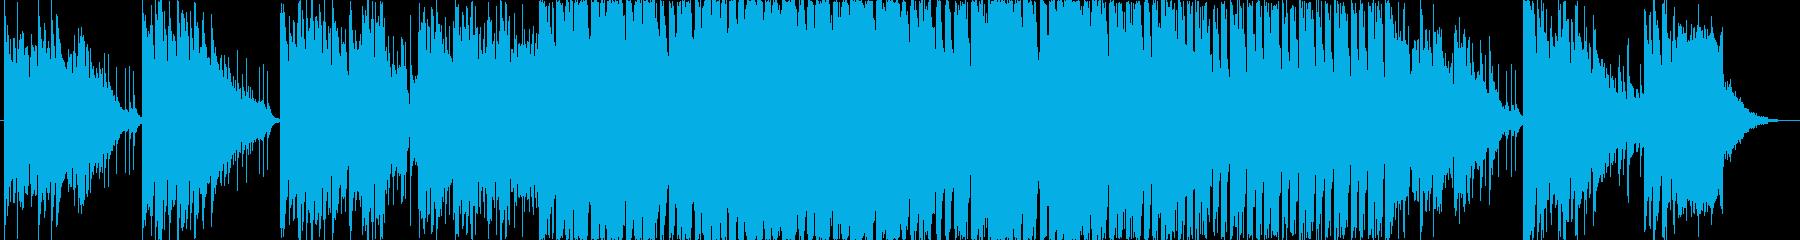 城に忍び込んだくノ一の和風テイスト音楽の再生済みの波形